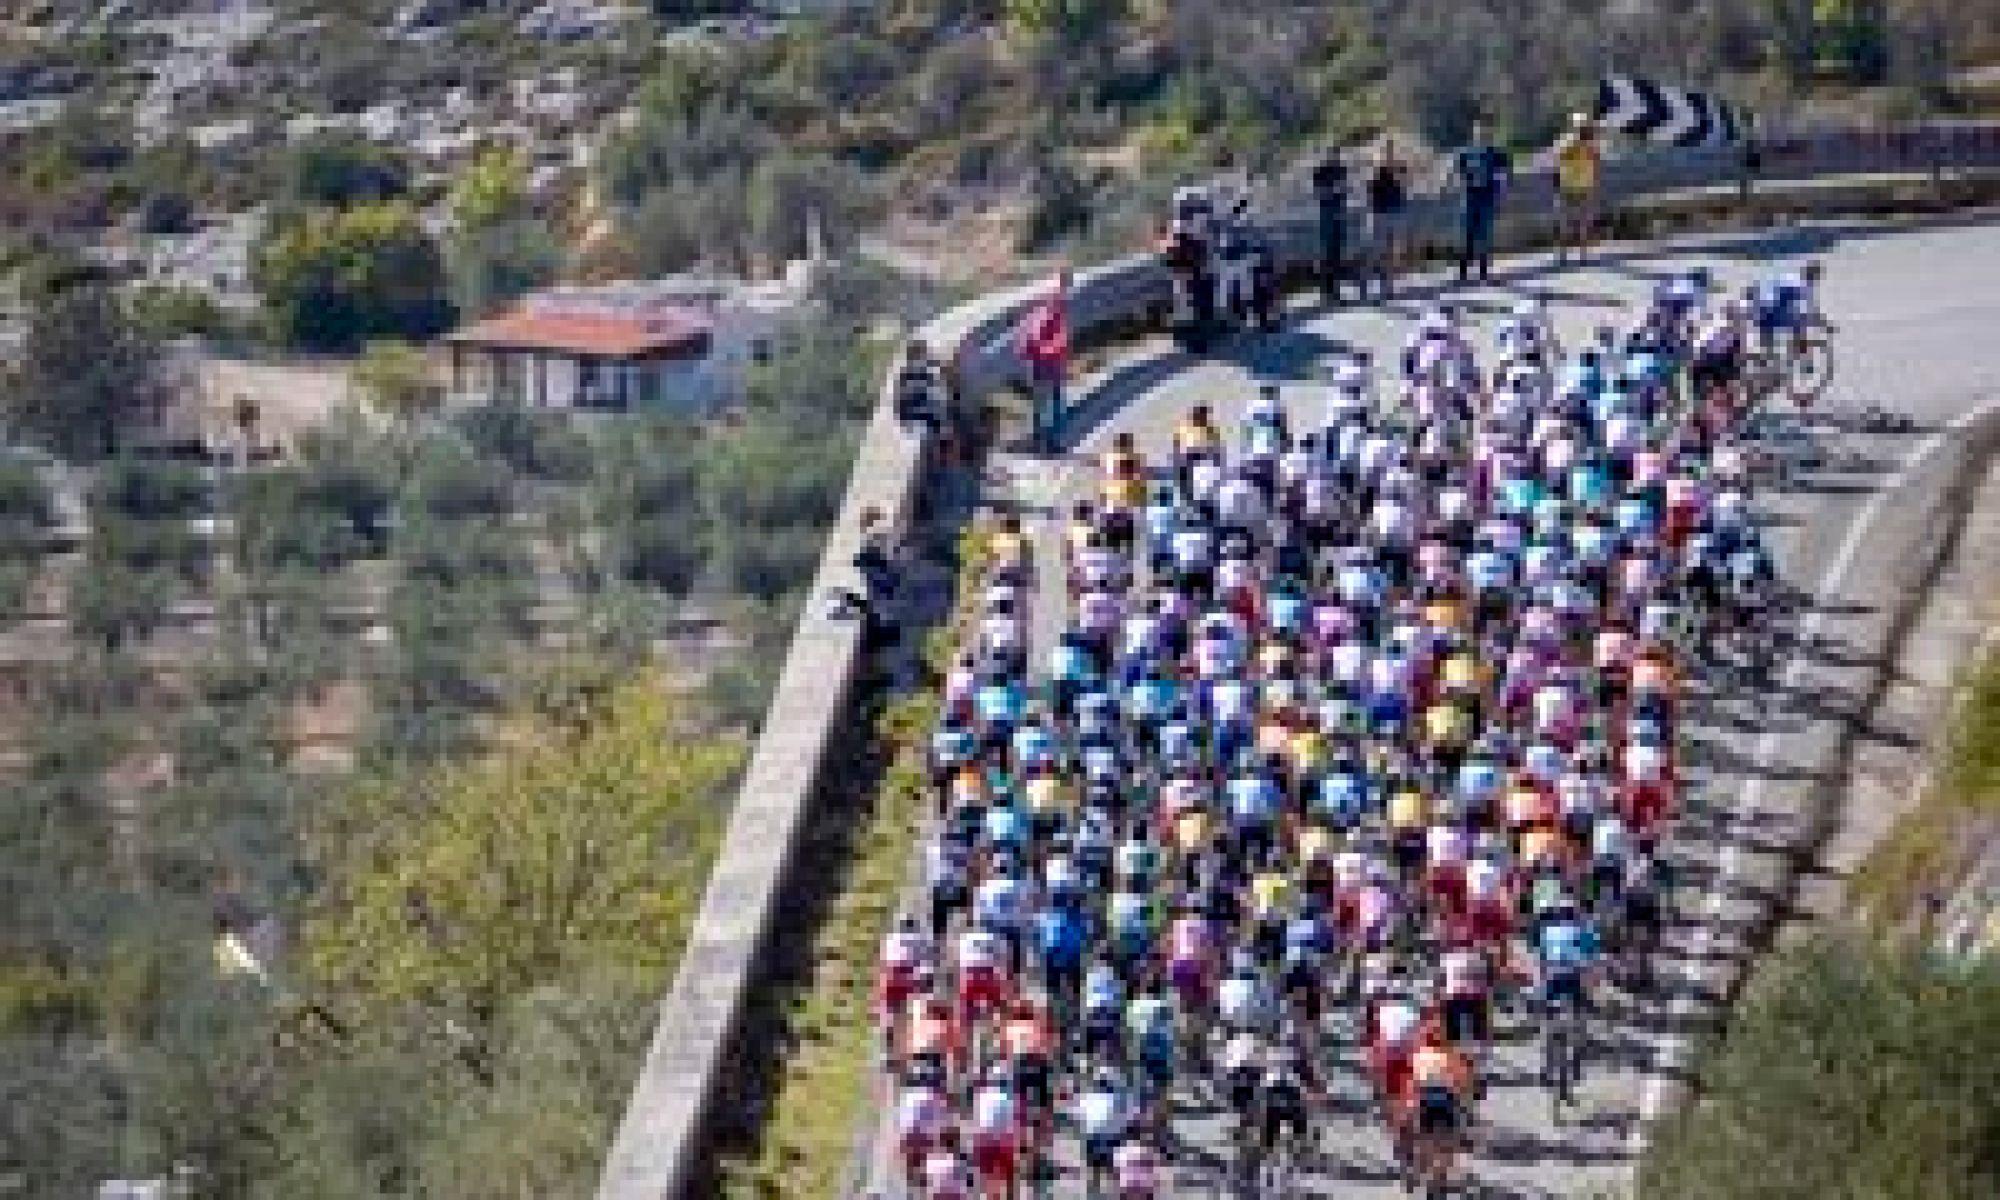 How to live stream the Giro d'Italia 2020: Watch the Italian Grand Tour